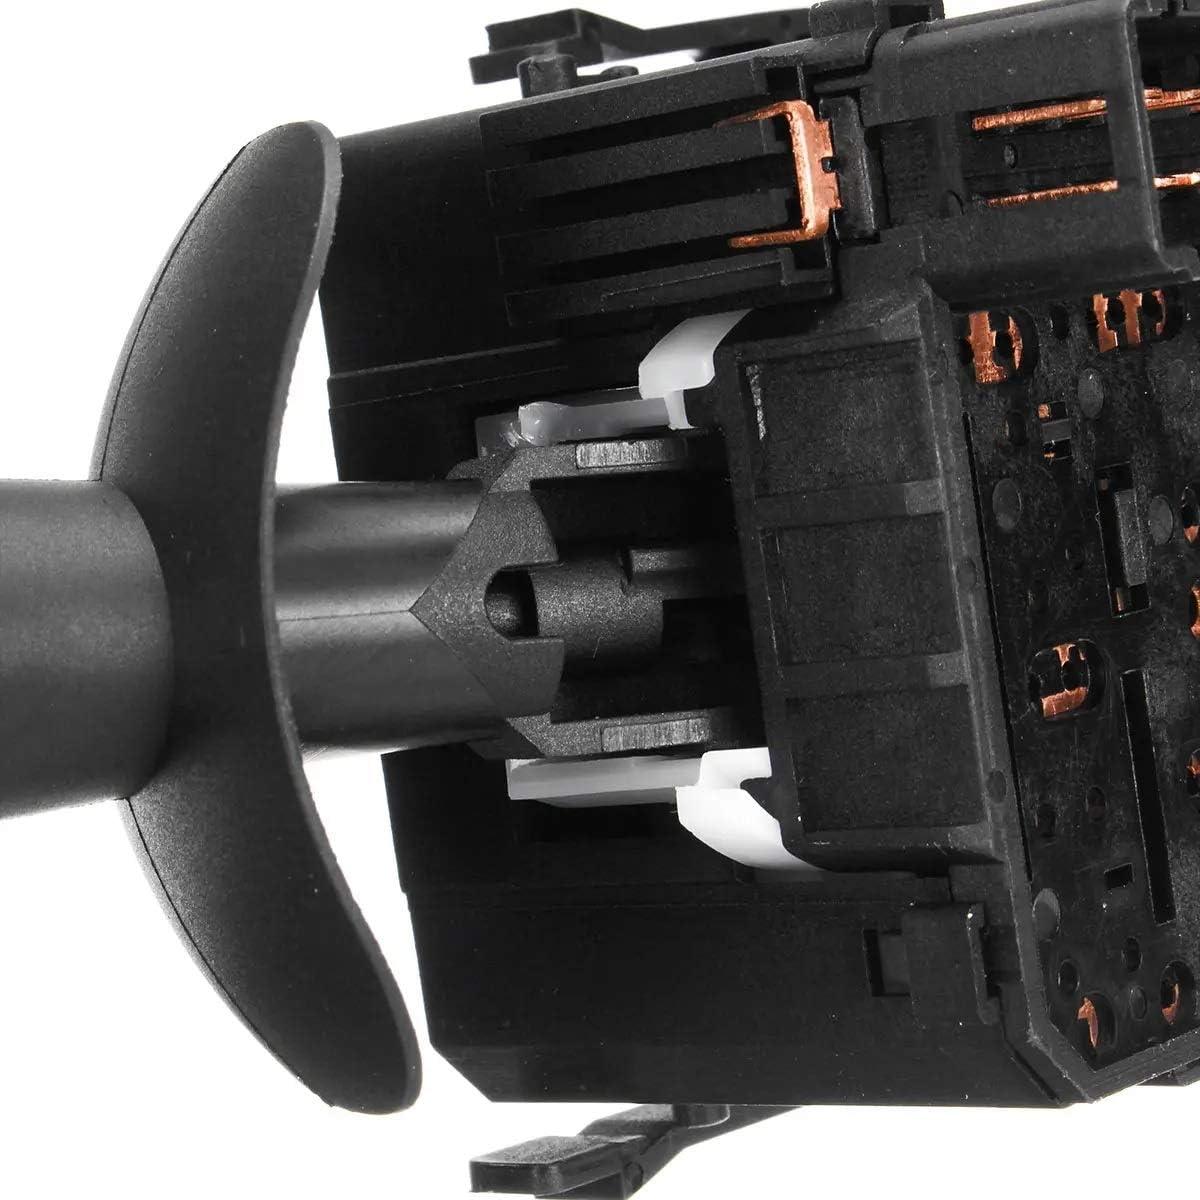 Interruttori Pulsantiera Interruttore tergicristallo Accessori Car Vivaro Movano auto Trafic MK2 Laguna MK2 Espace MK4 anteriore Tergicristallo leva del volante 91.160.123 Accessori Auto Switch